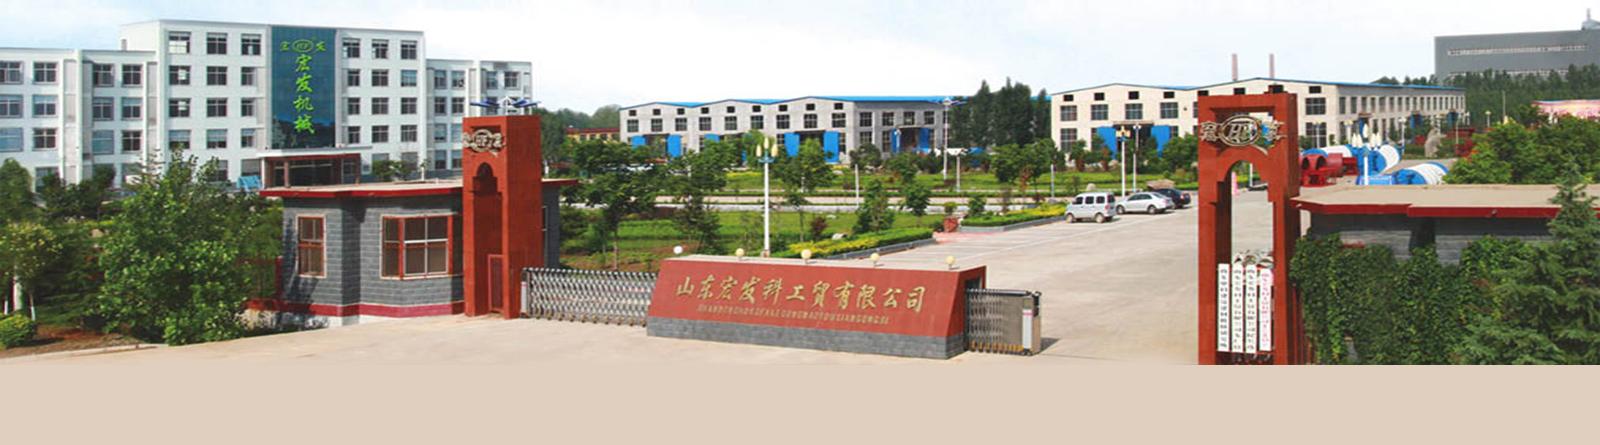 山东竞技宝app科工贸有限公司受邀参加中国加气混凝土协会第38次年会